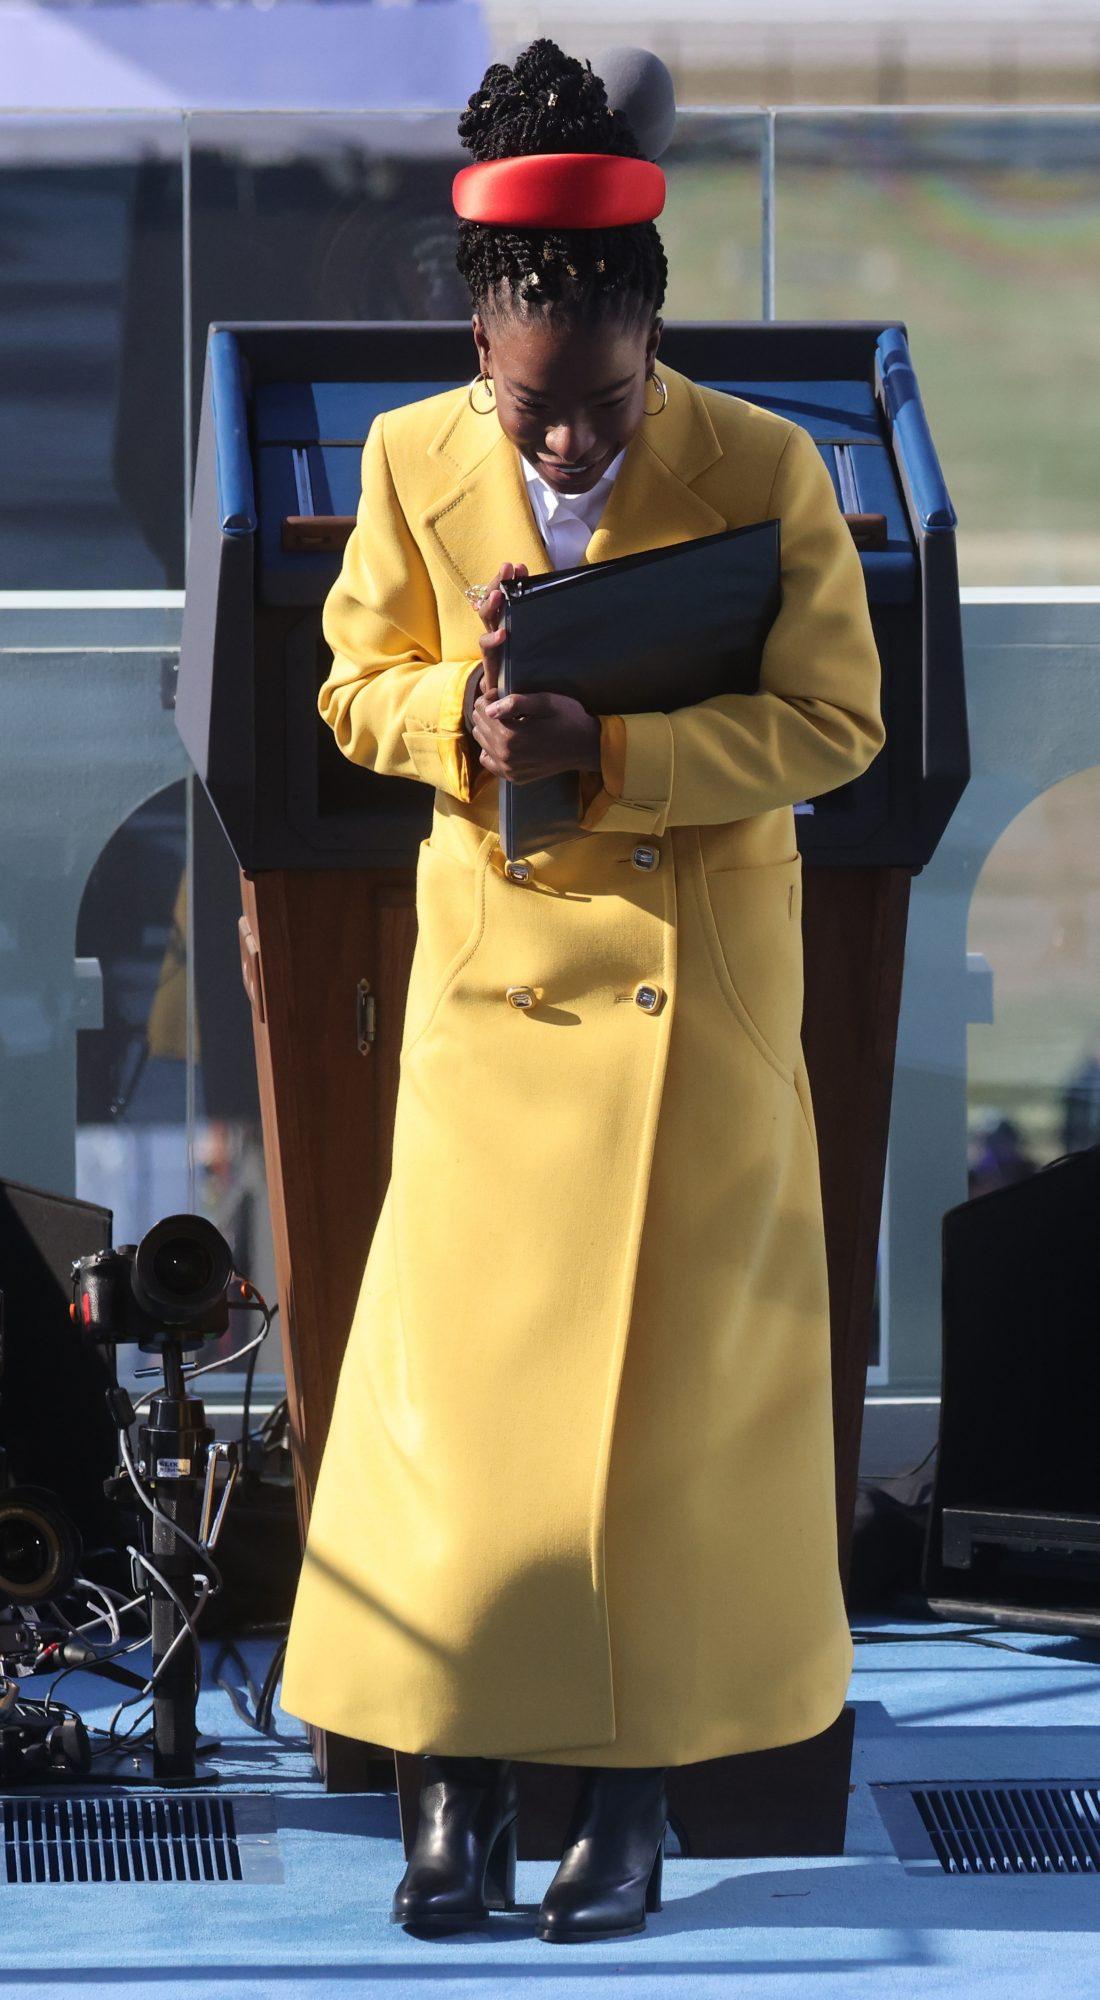 Amanda gorman, moda, estilo, modelo, poeta